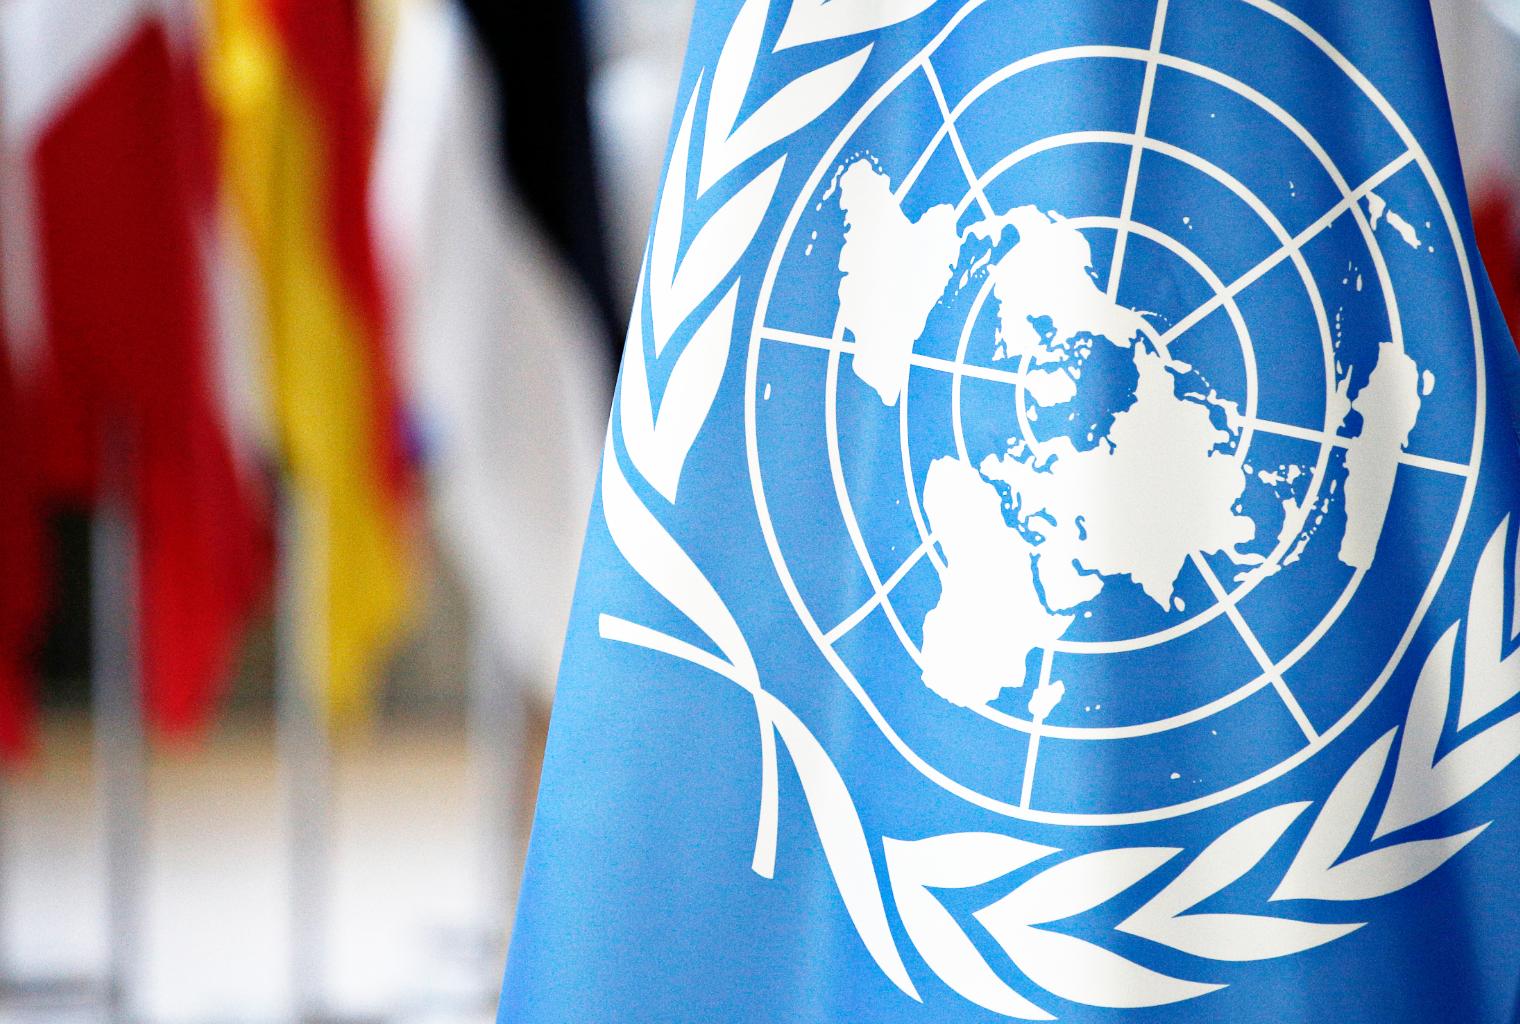 La Agencia de las Naciones Unidas Unicef lanza el Fondo de Criptomonedas